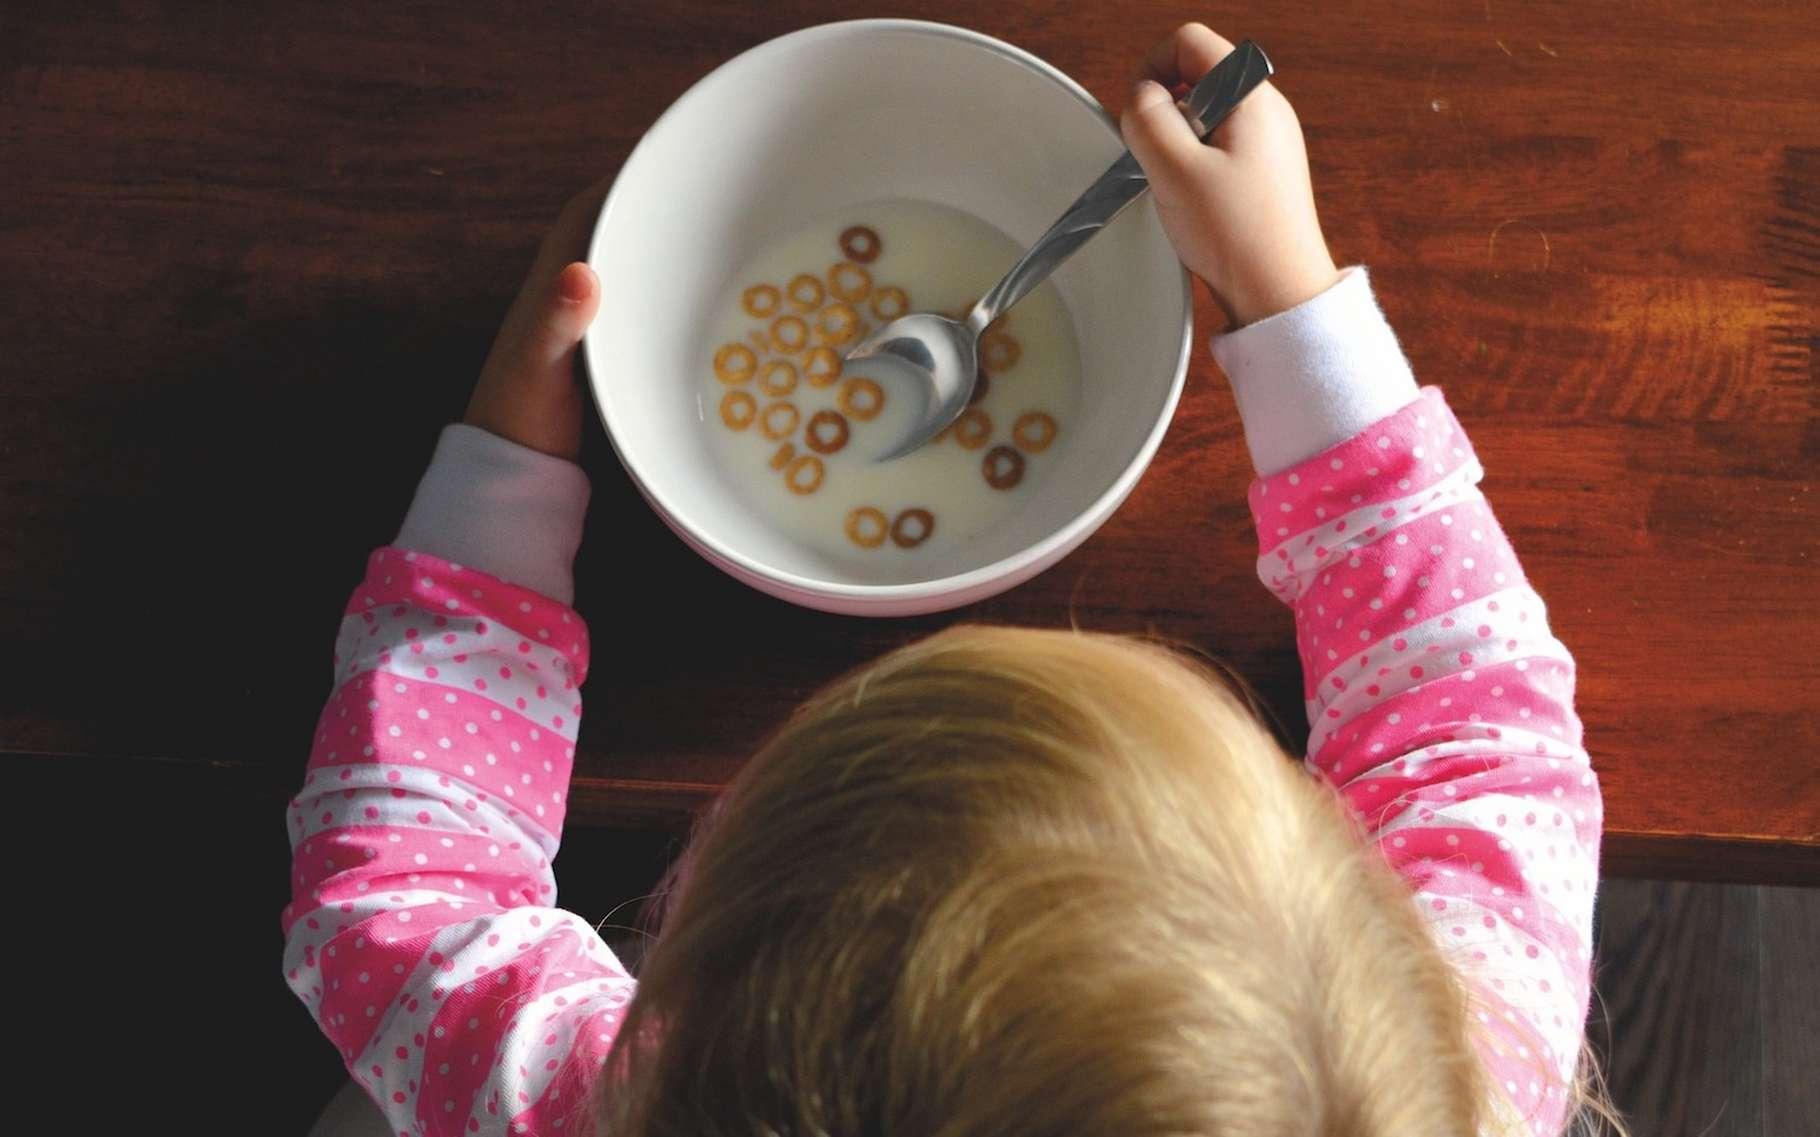 Certaines céréales dont nos enfants se régalent au petit déjeuner contiennent un additif qui pourrait affaiblir leurs défenses immunitaires contre la grippe. © StockSnap, Pixabay License